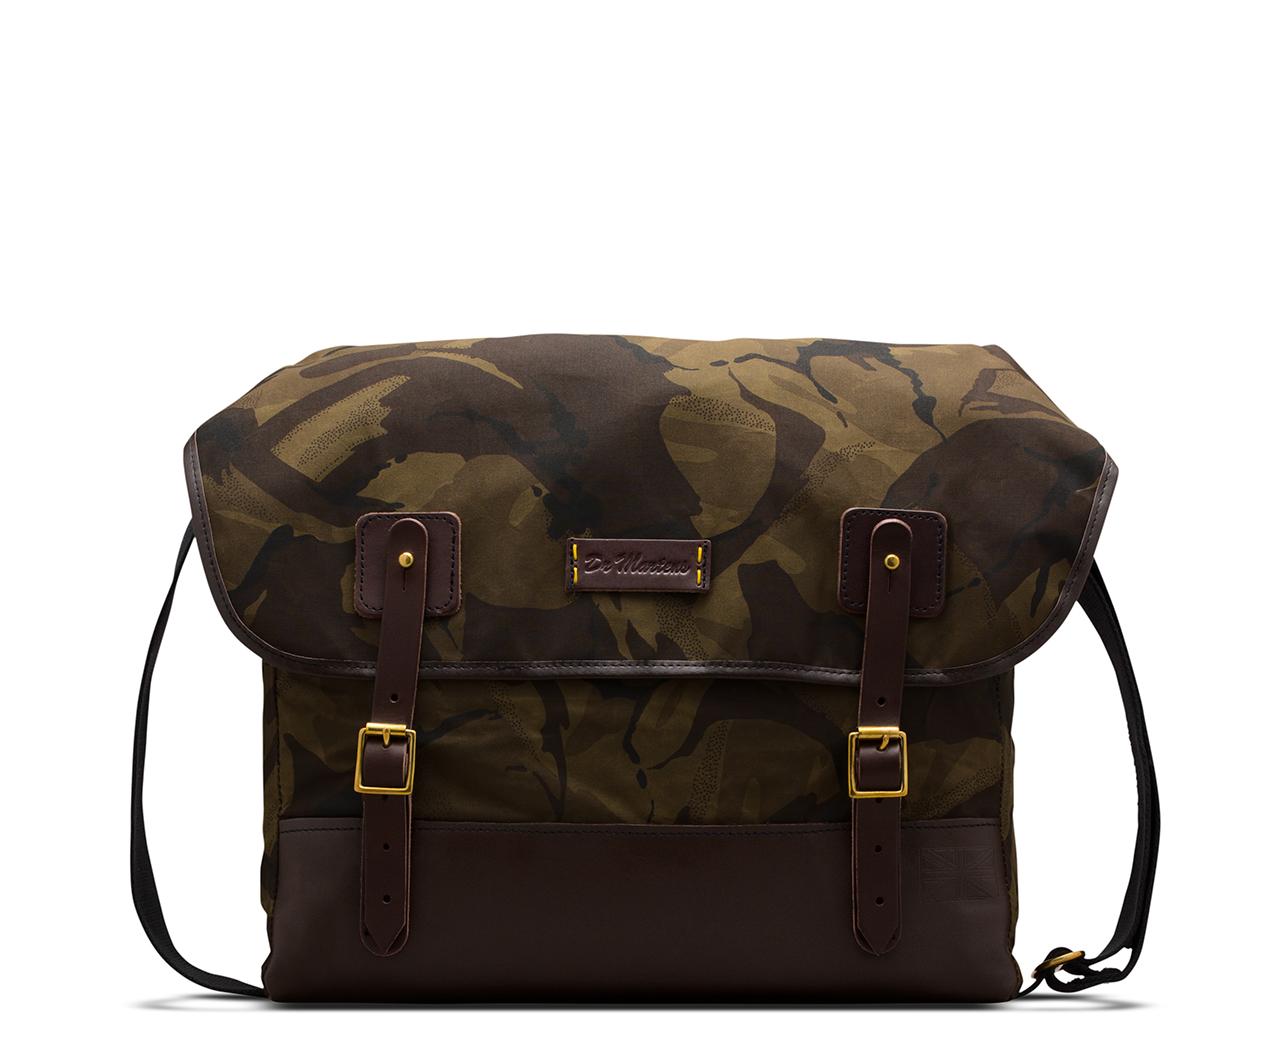 Men's Bags & Satchels | Official Dr. Martens Store - UK